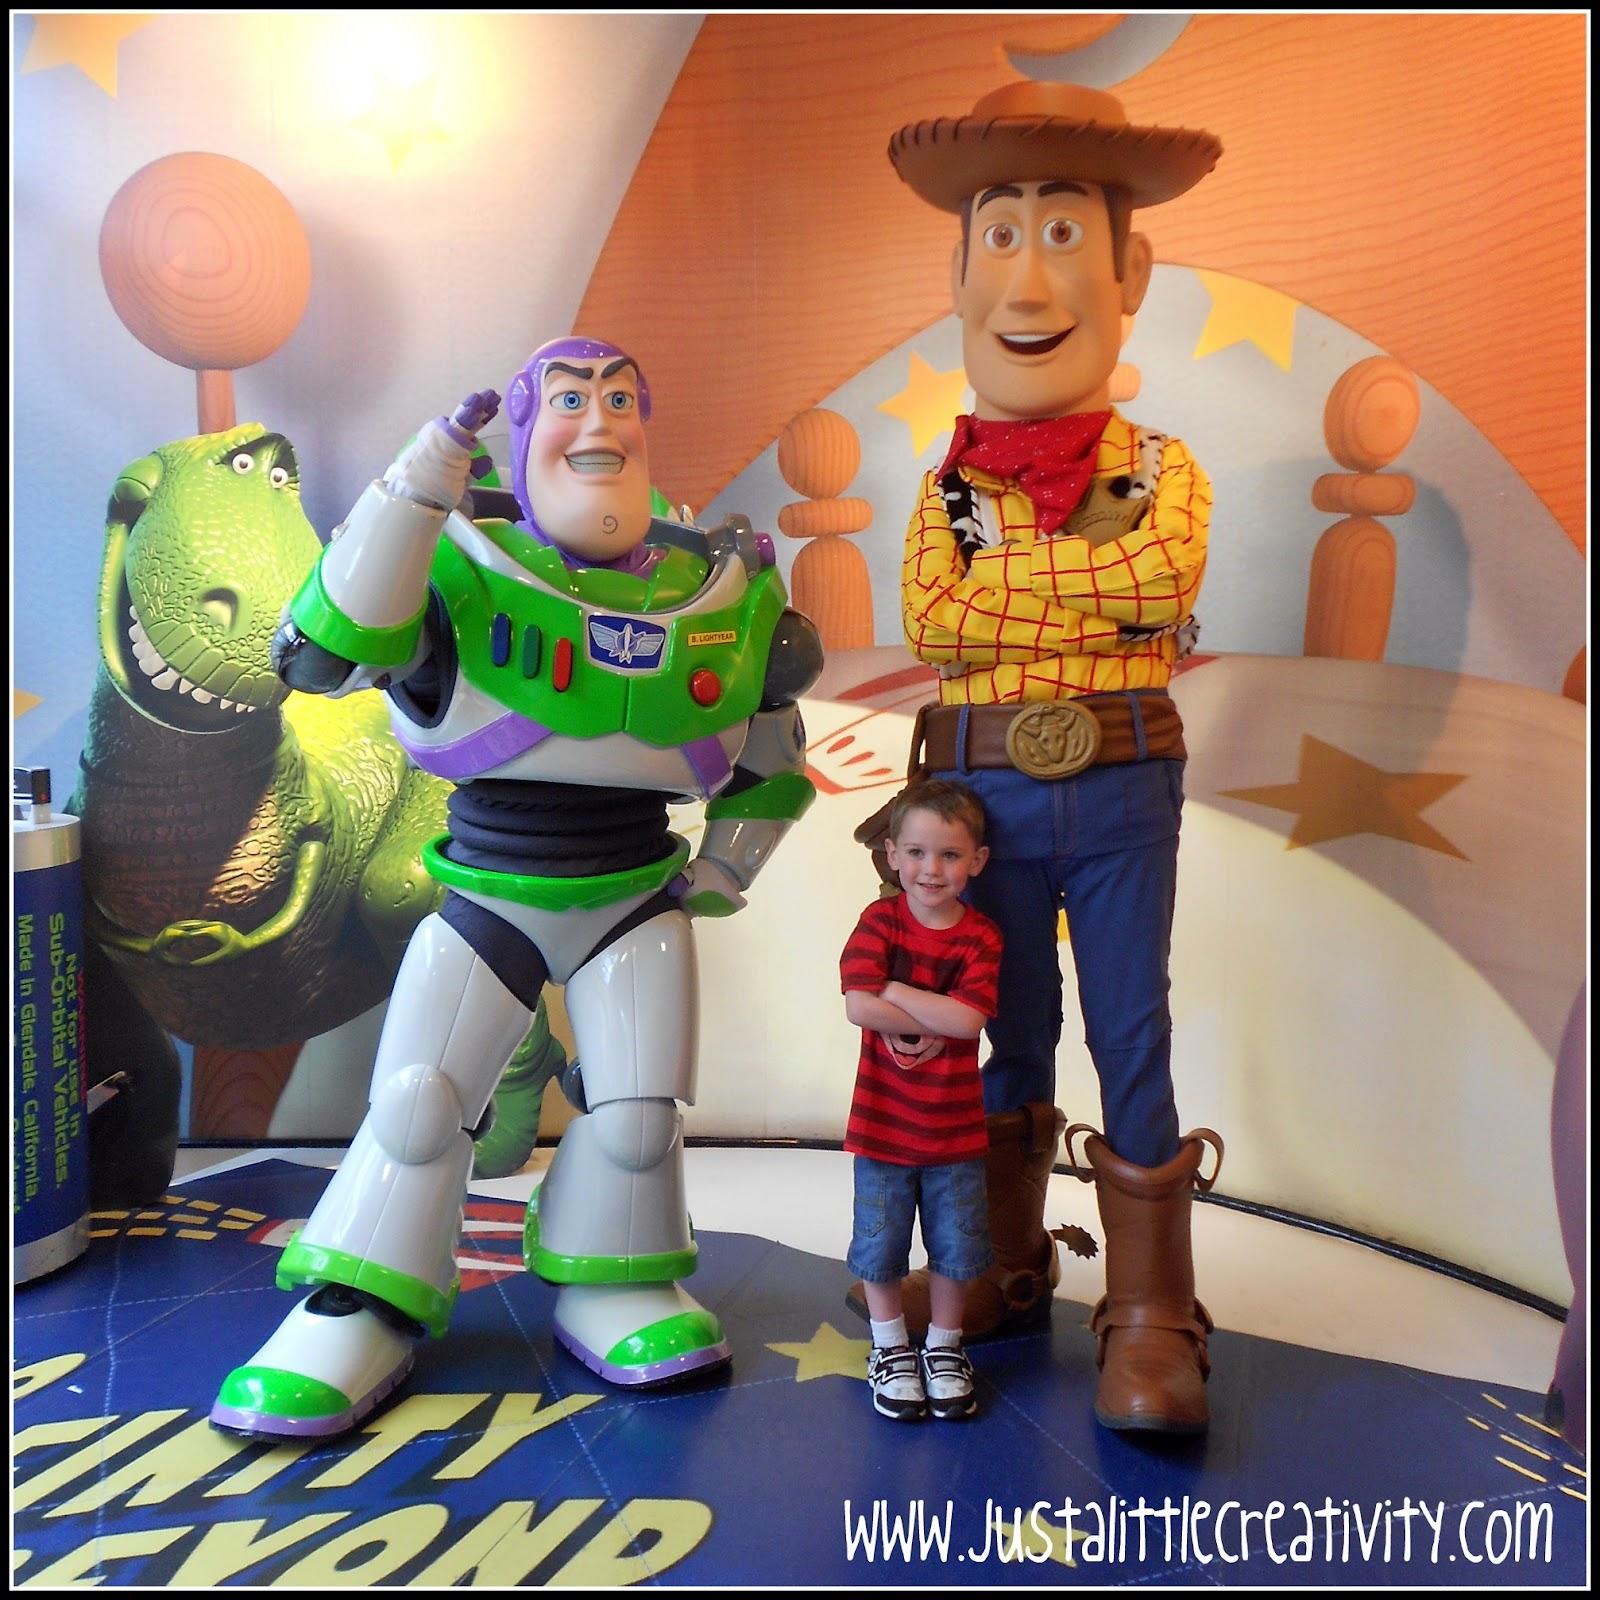 Buzz Lightyear And Woody Buzz lightyear, woody